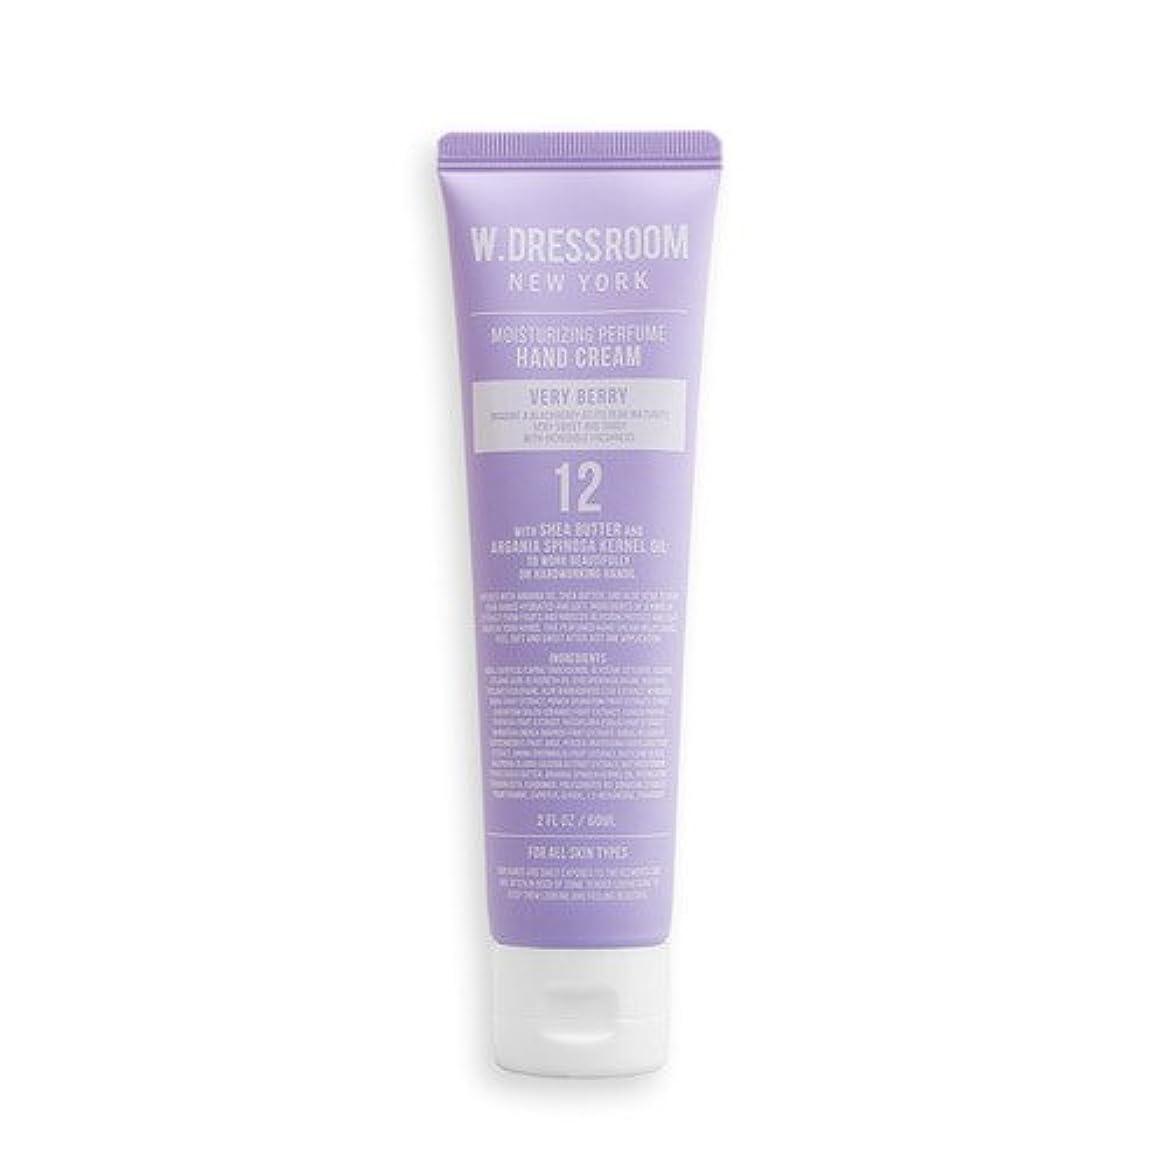 忙しいテロ冷凍庫W.DRESSROOM Moisturizing Perfume Hand Cream 60ml/ダブルドレスルーム モイスチャライジング パフューム ハンドクリーム 60ml (#No.12 Very Berry) [...